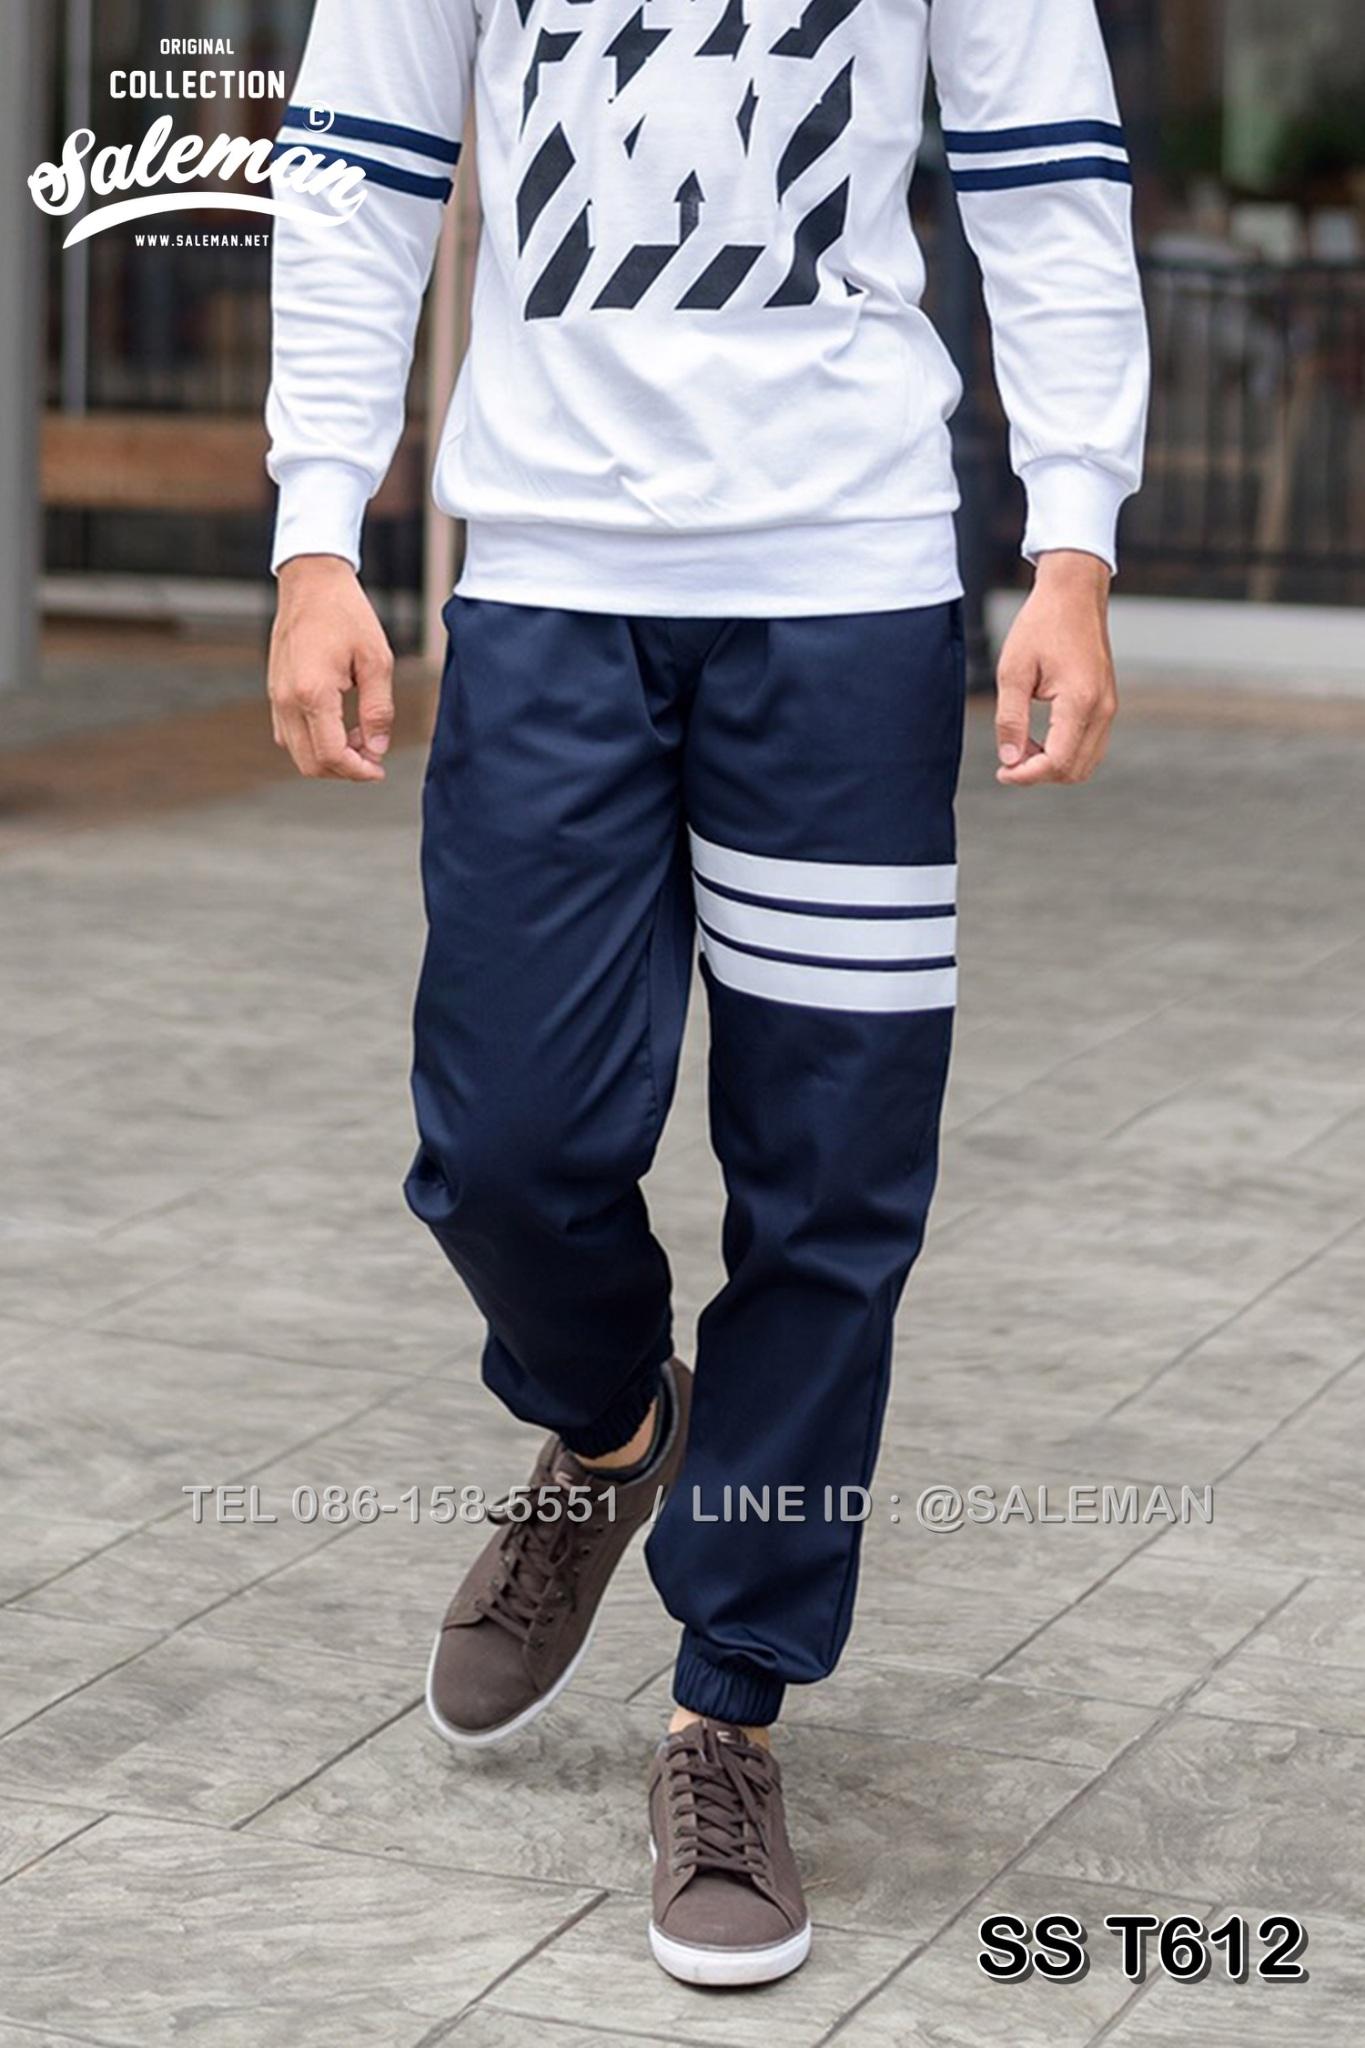 กางเกง JOGGER พรีเมี่ยม ผ้า COTTON รหัส SS T612 W สีกรม แถบขาว